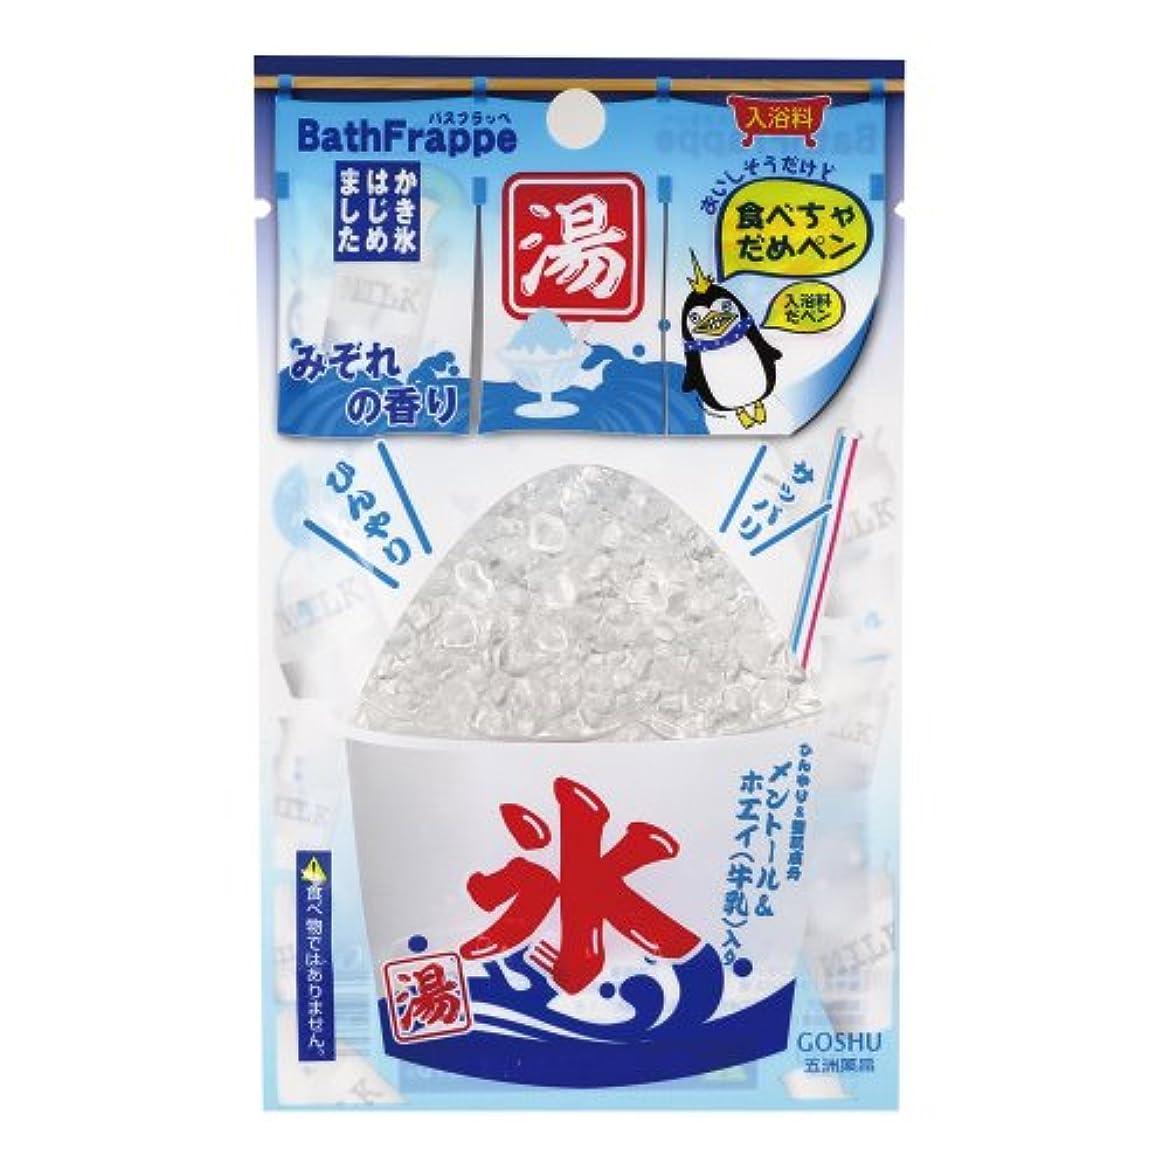 凍結ハーブ散文五洲薬品 かき氷風入浴剤 バスフラッペ みぞれの香り 1箱(10包入)